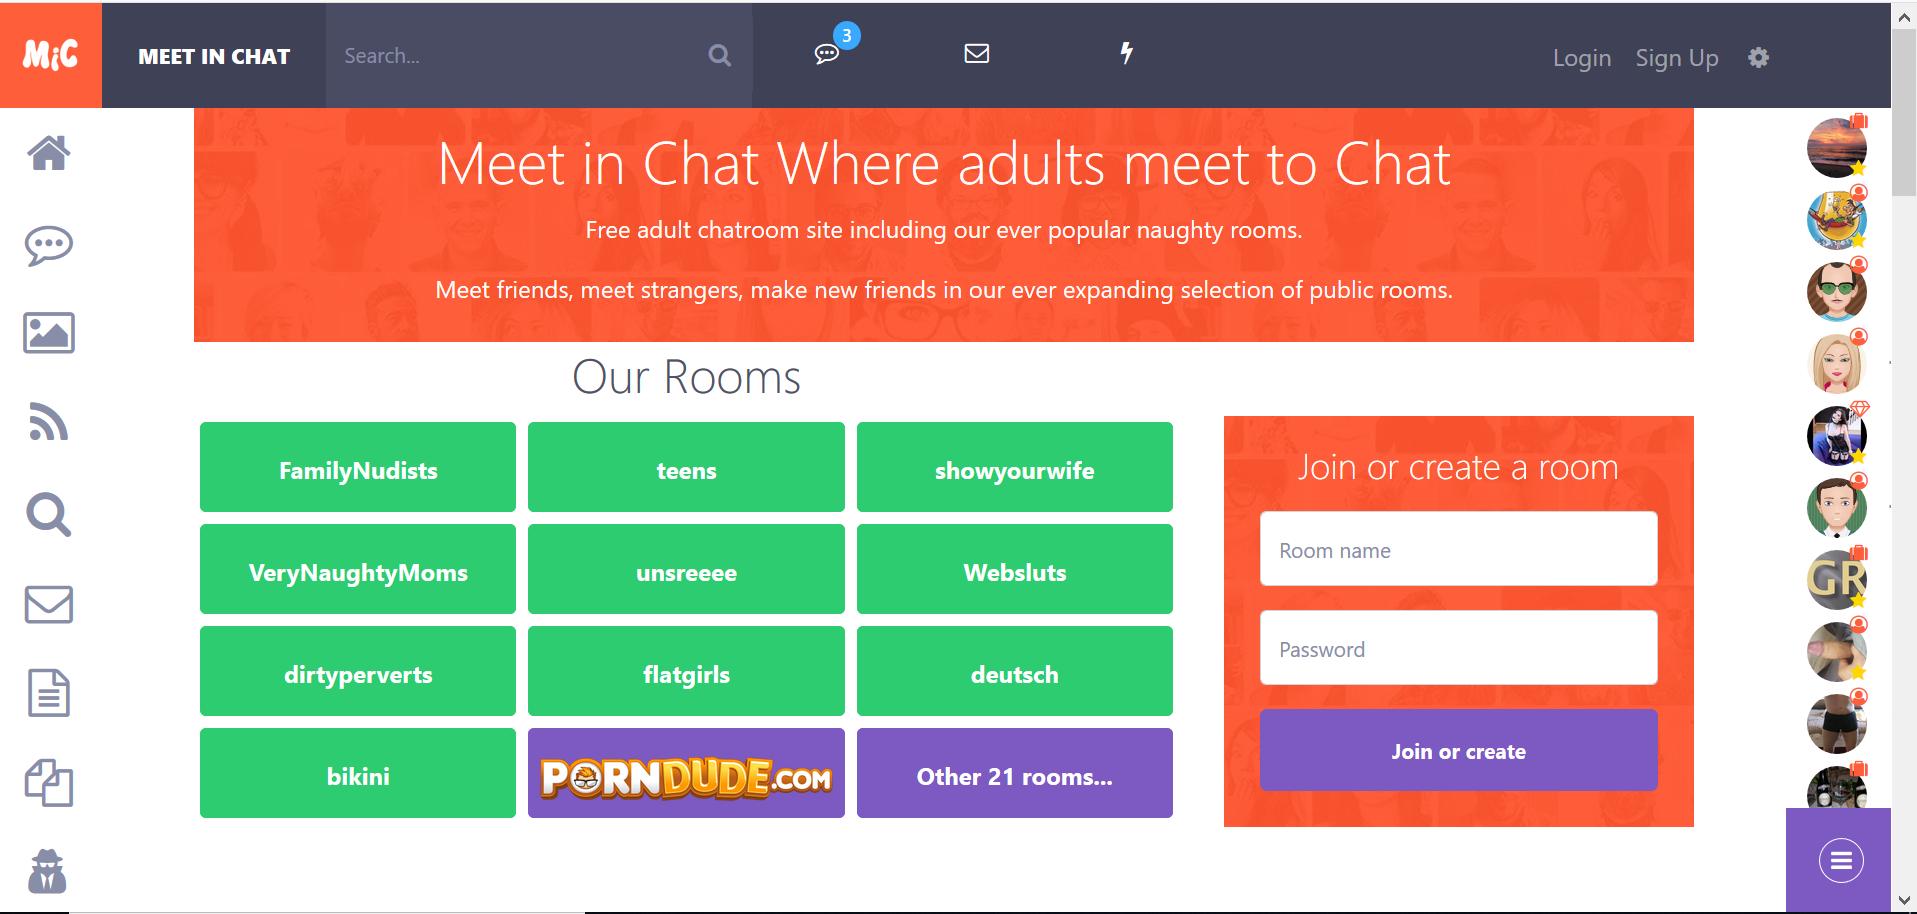 Meetinchat: Un chat que se asemeja a una red social para adultos